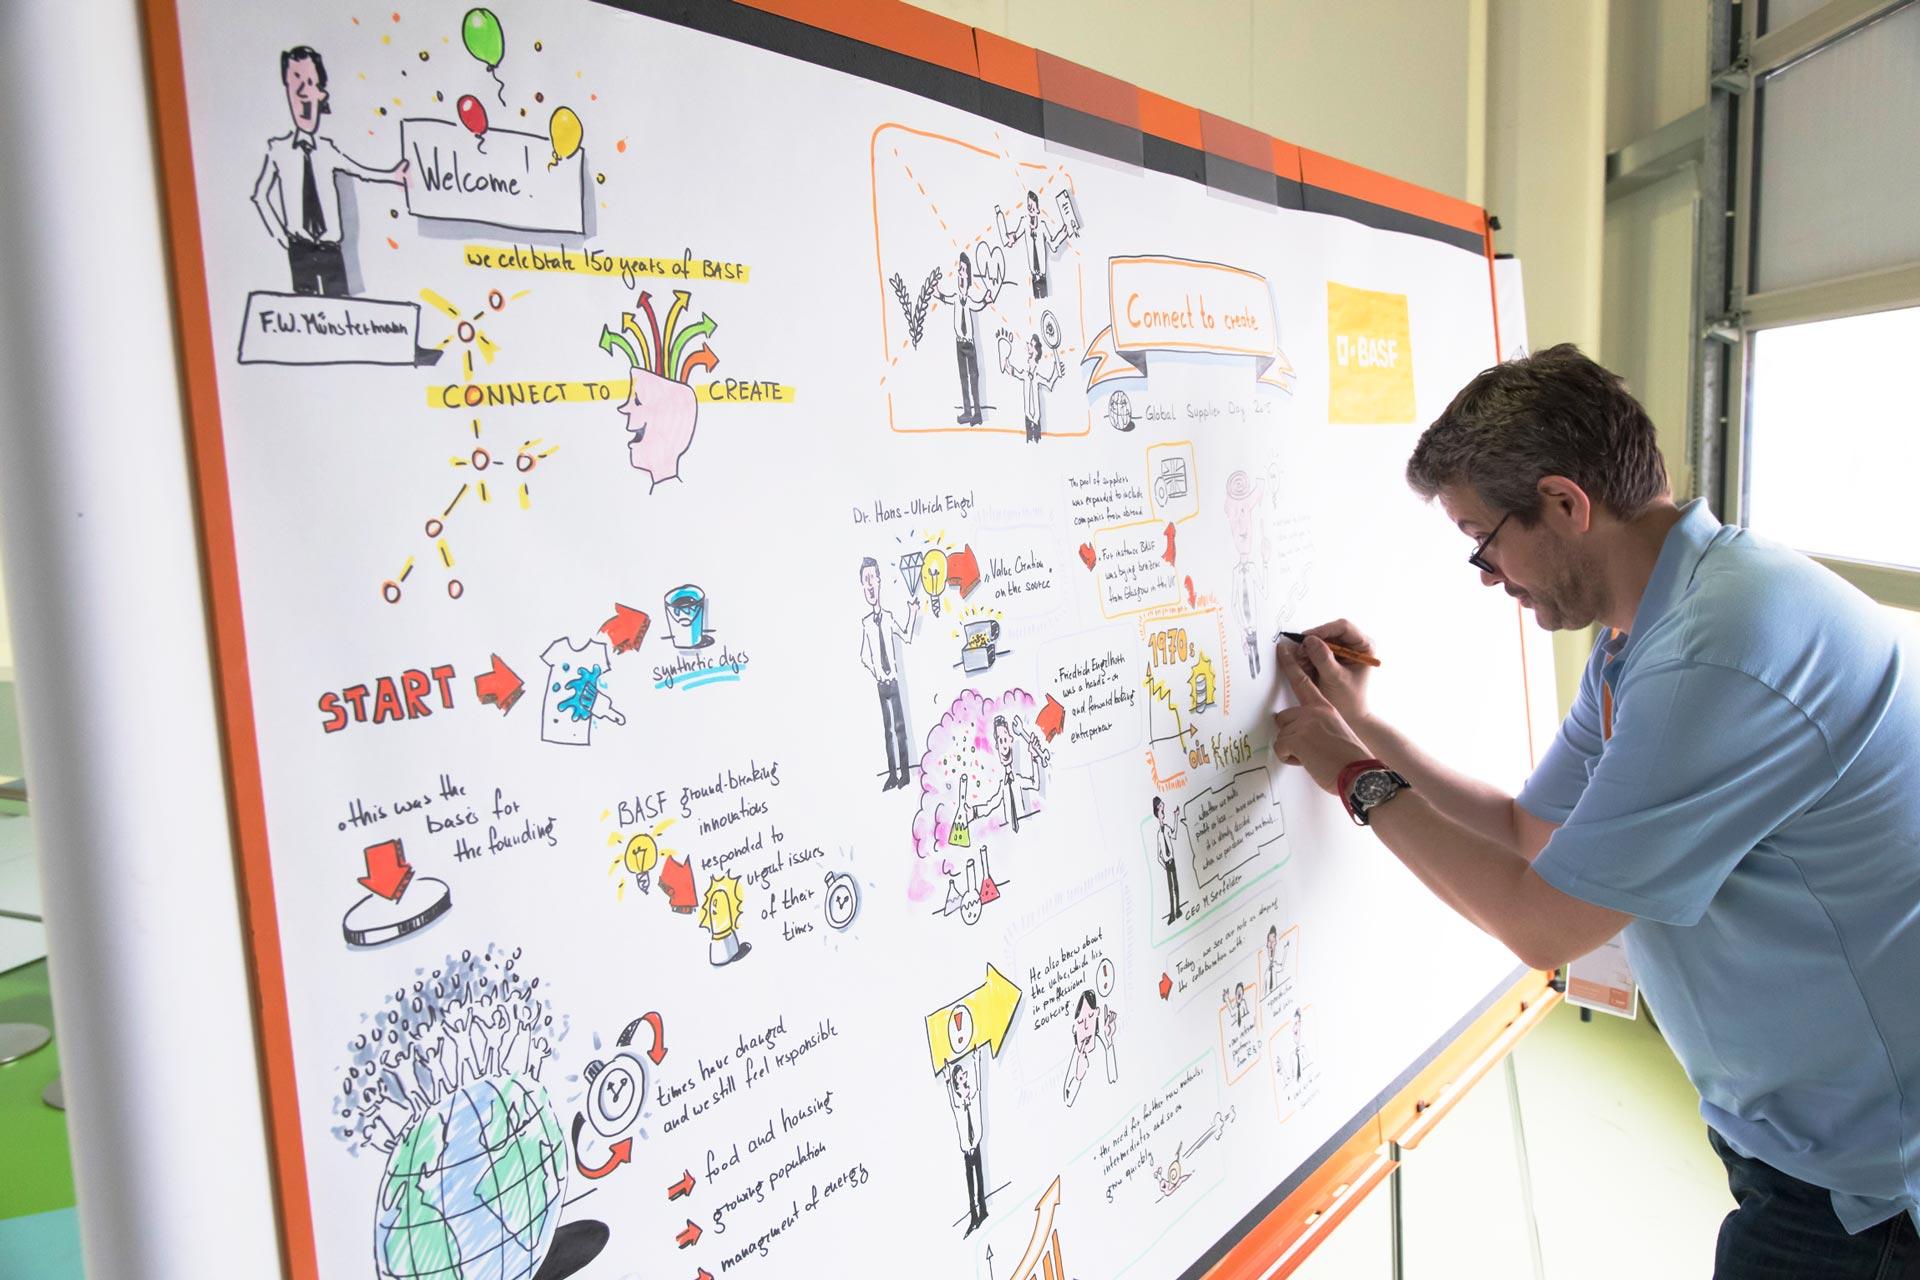 Agentur Ressmann Mannheim Dialogformate & Interaktion